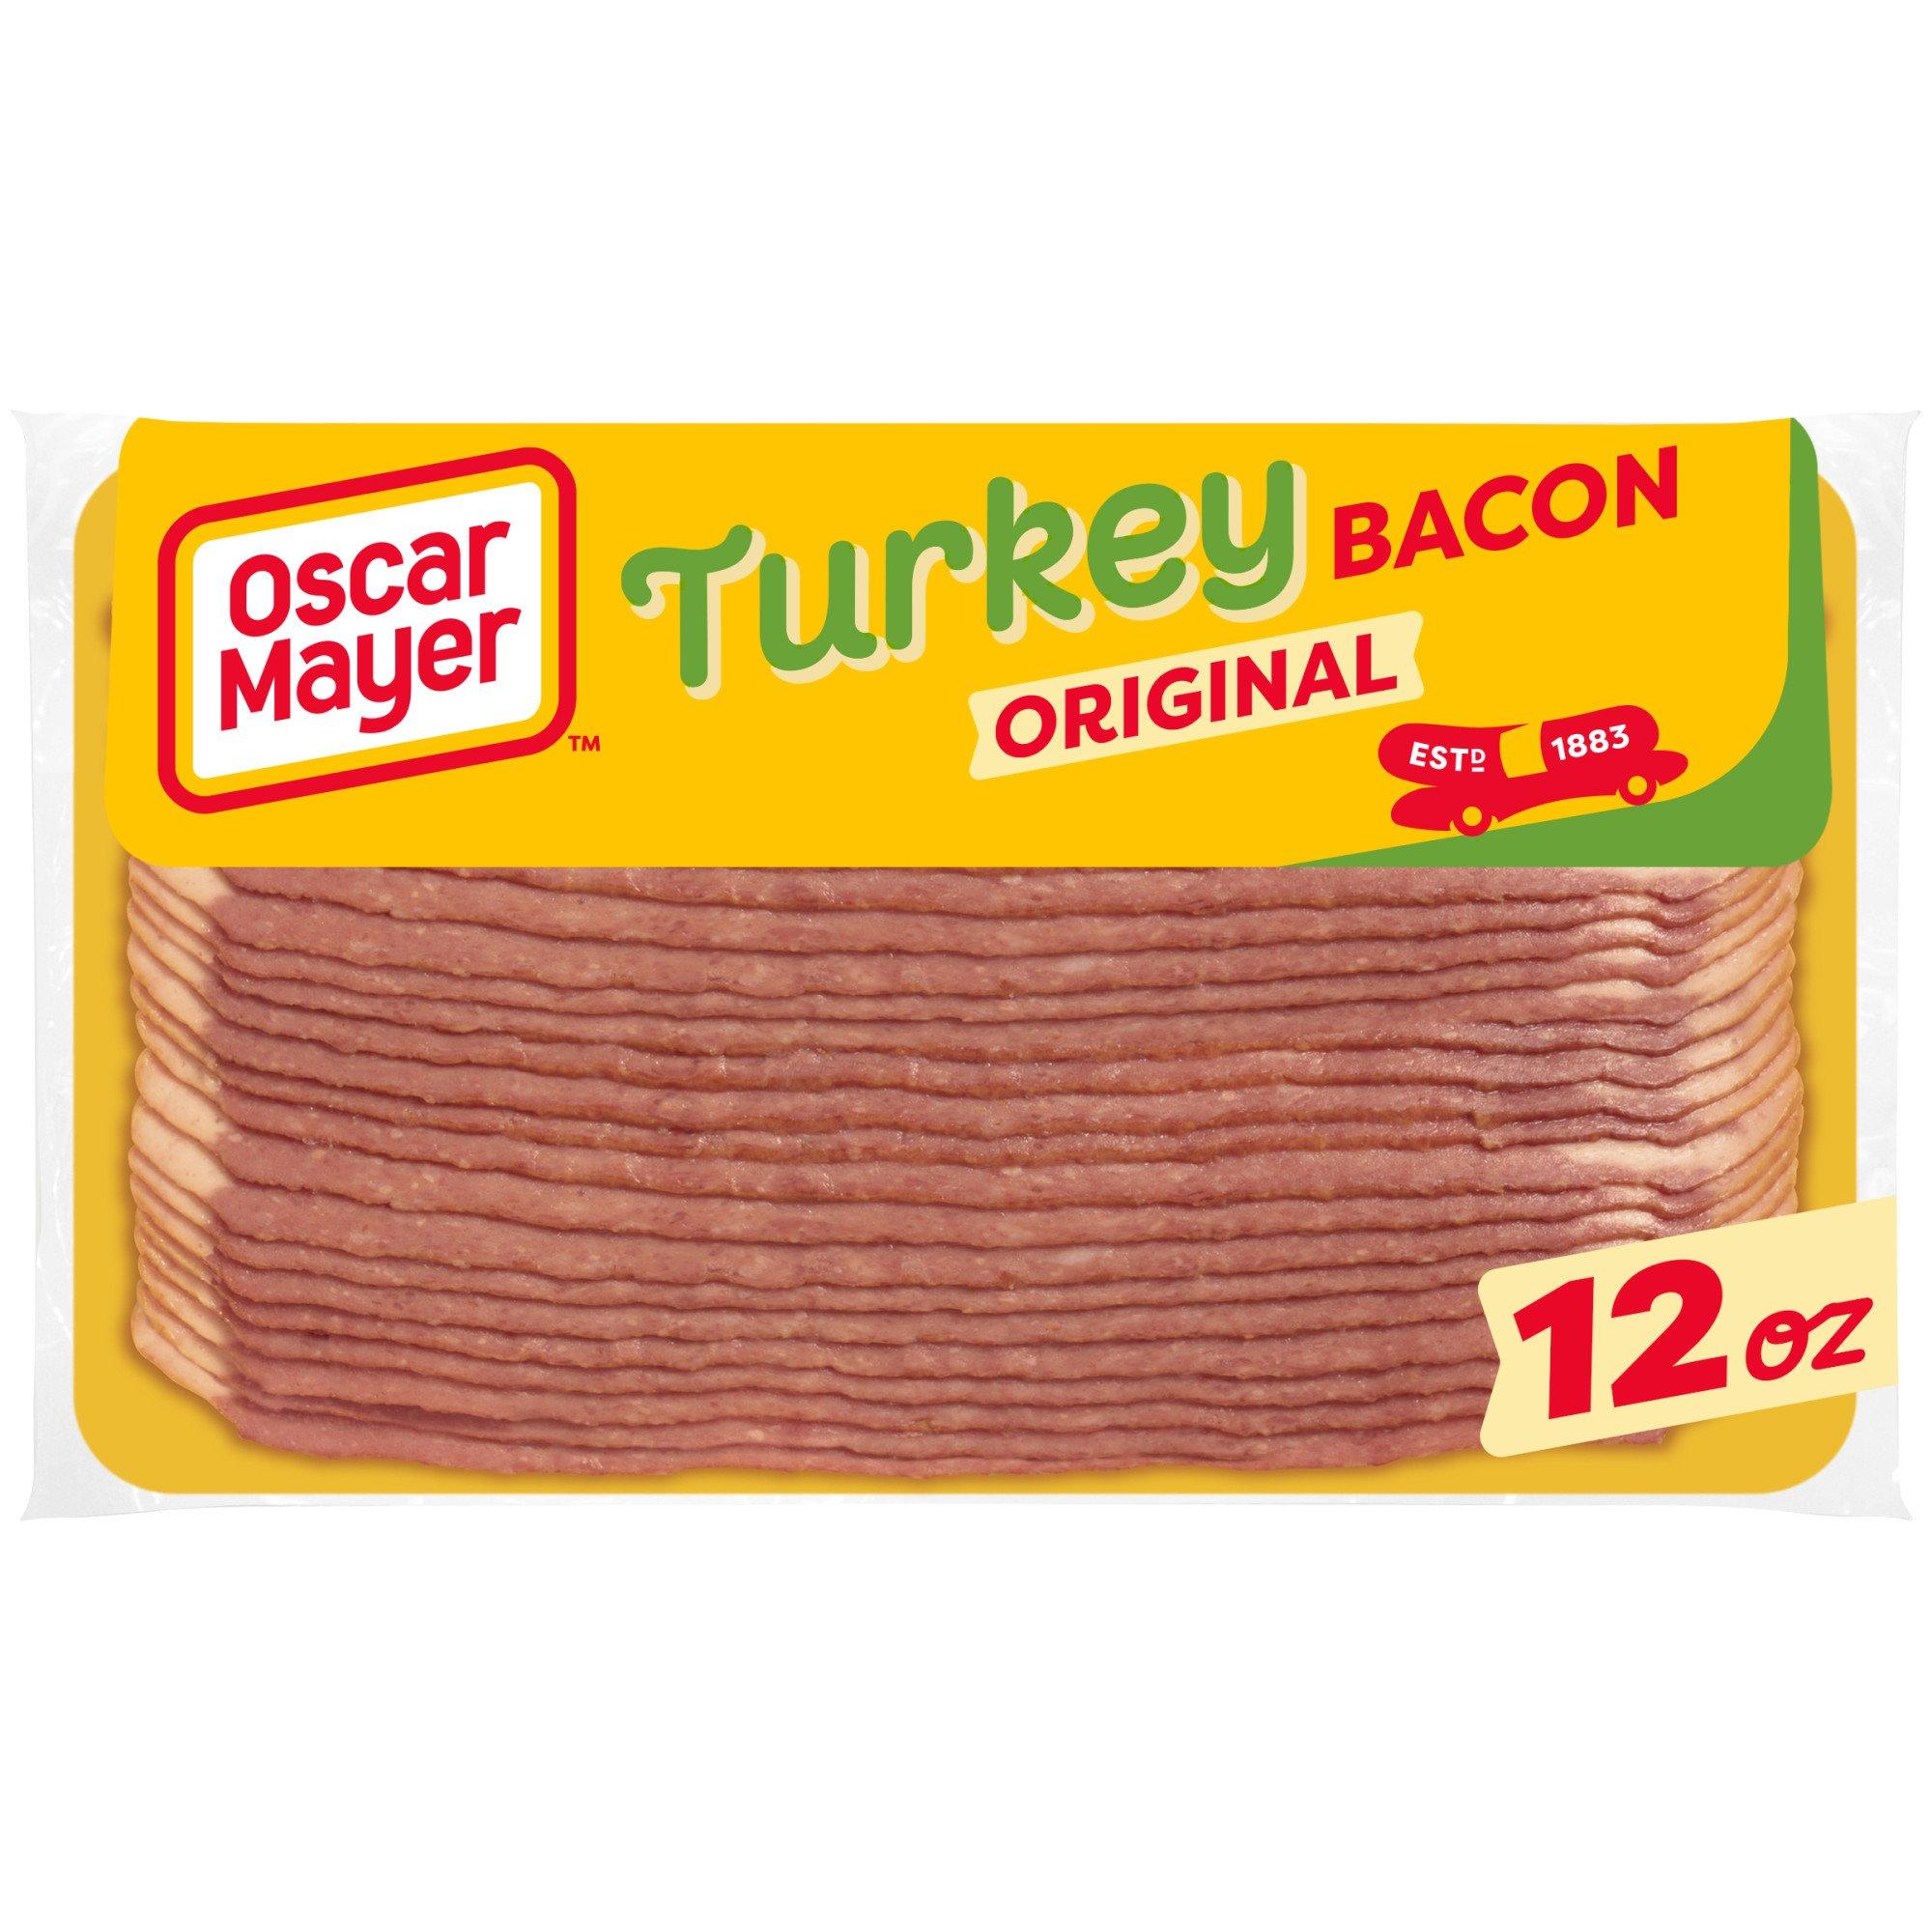 Oscar Mayer Turkey Bacon - Shop Bacon